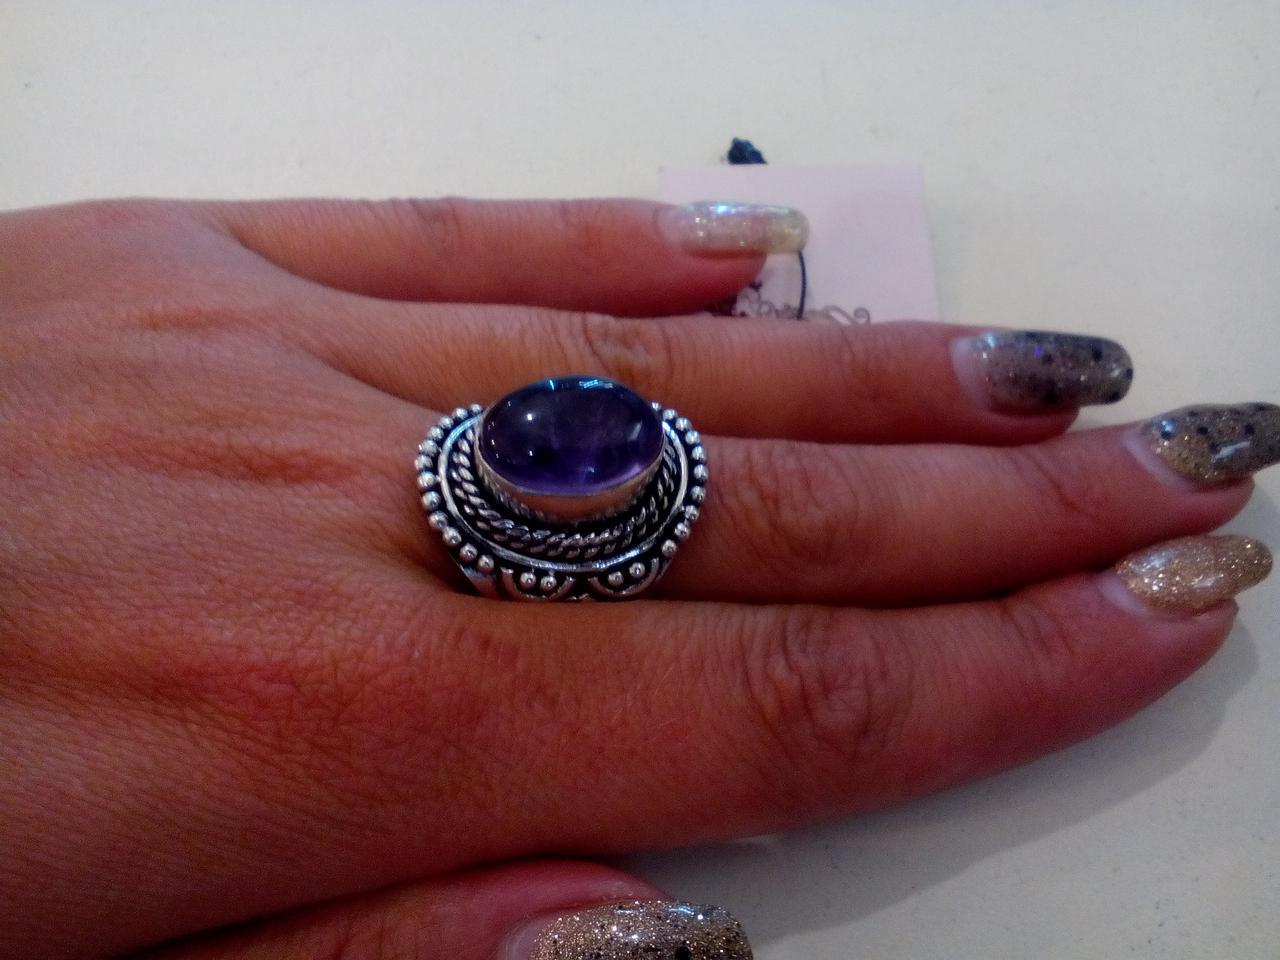 Аметист кольцо с натуральным аметистом в серебре. Размер 18,5. Индия!